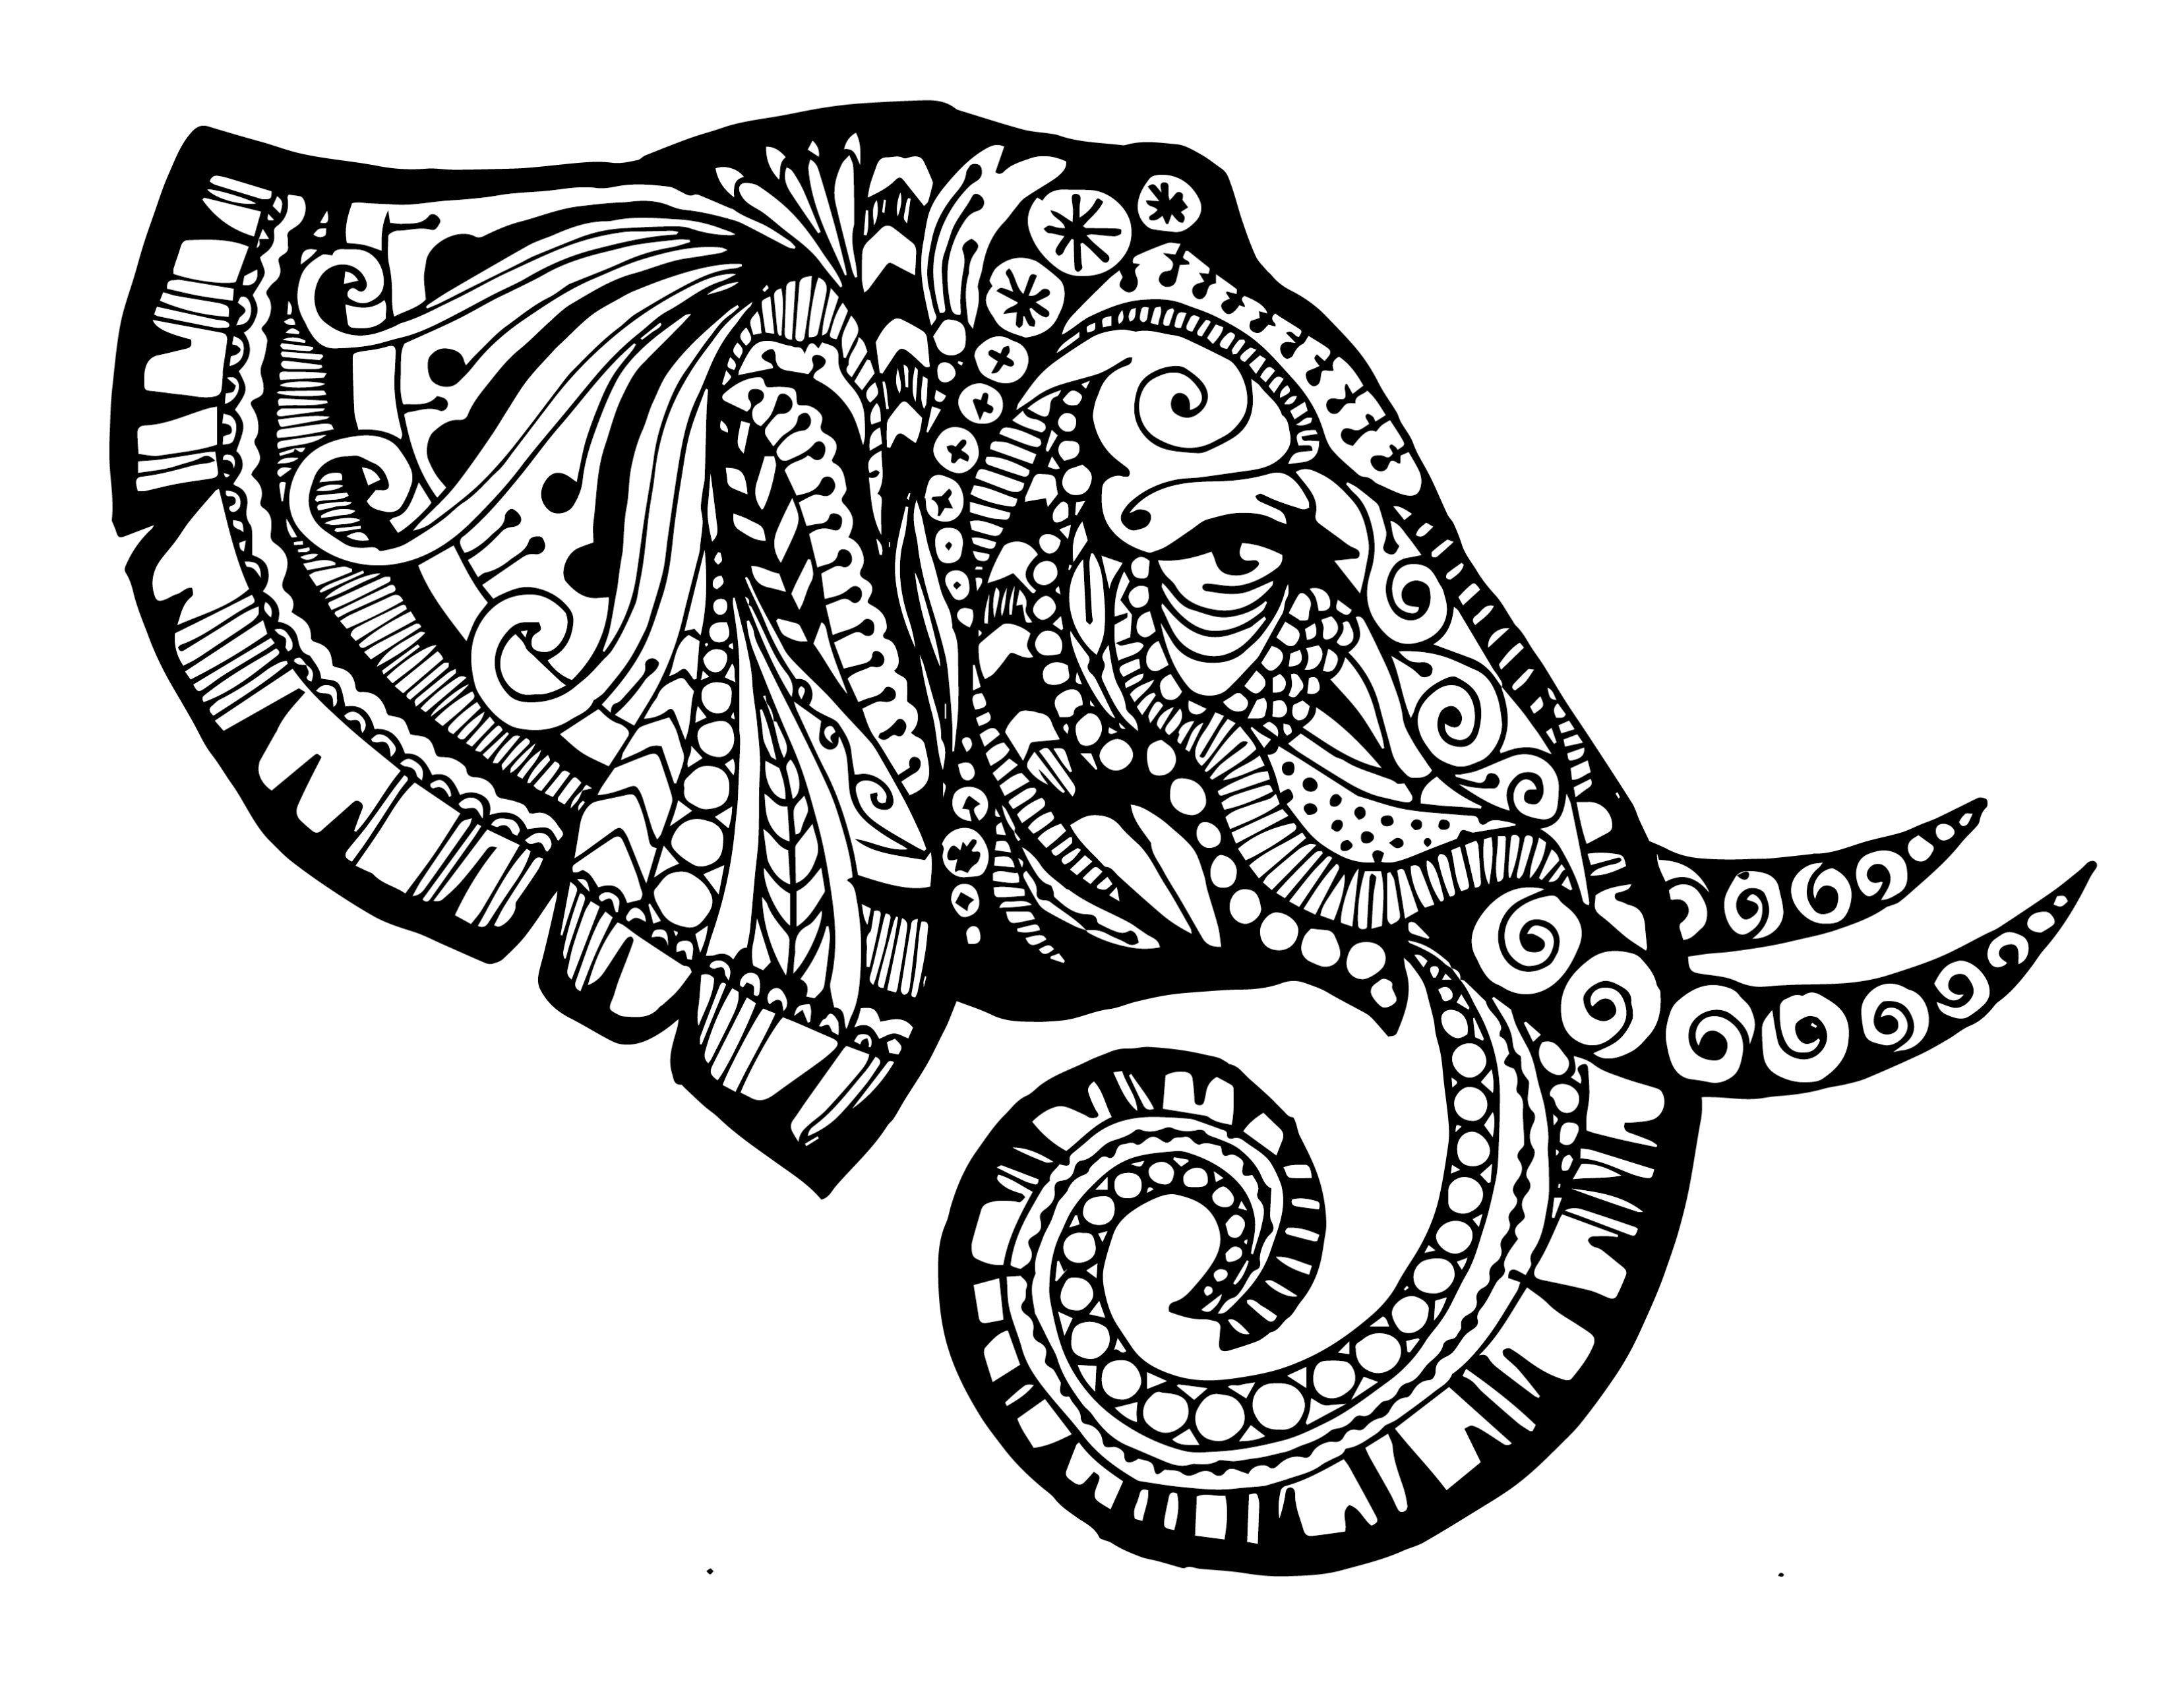 Einzigartig Monster Mandala Farbung Malvorlagen Malvorlagenfurkinder Tattoo Elefanten Kunstzeichnungen Zentangle Kunst